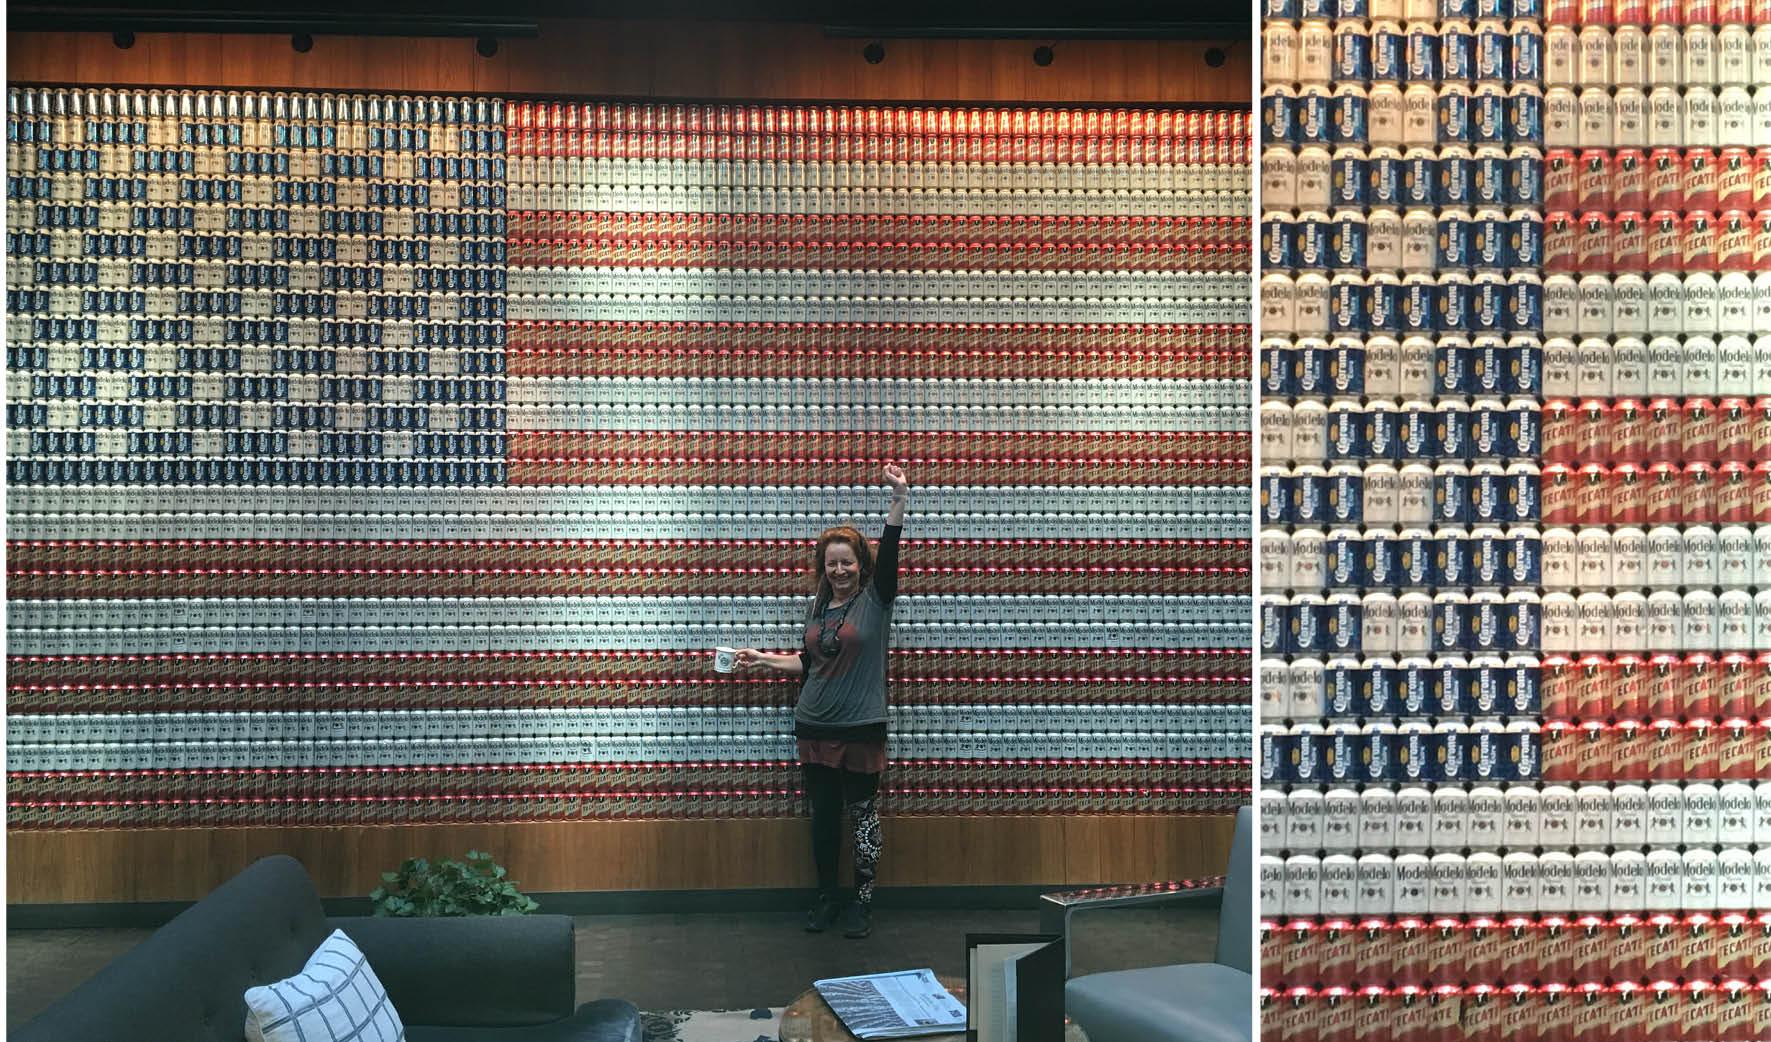 קיר שלם בלובי המלון, עשוי מפחיות בירה, Dream Hotel